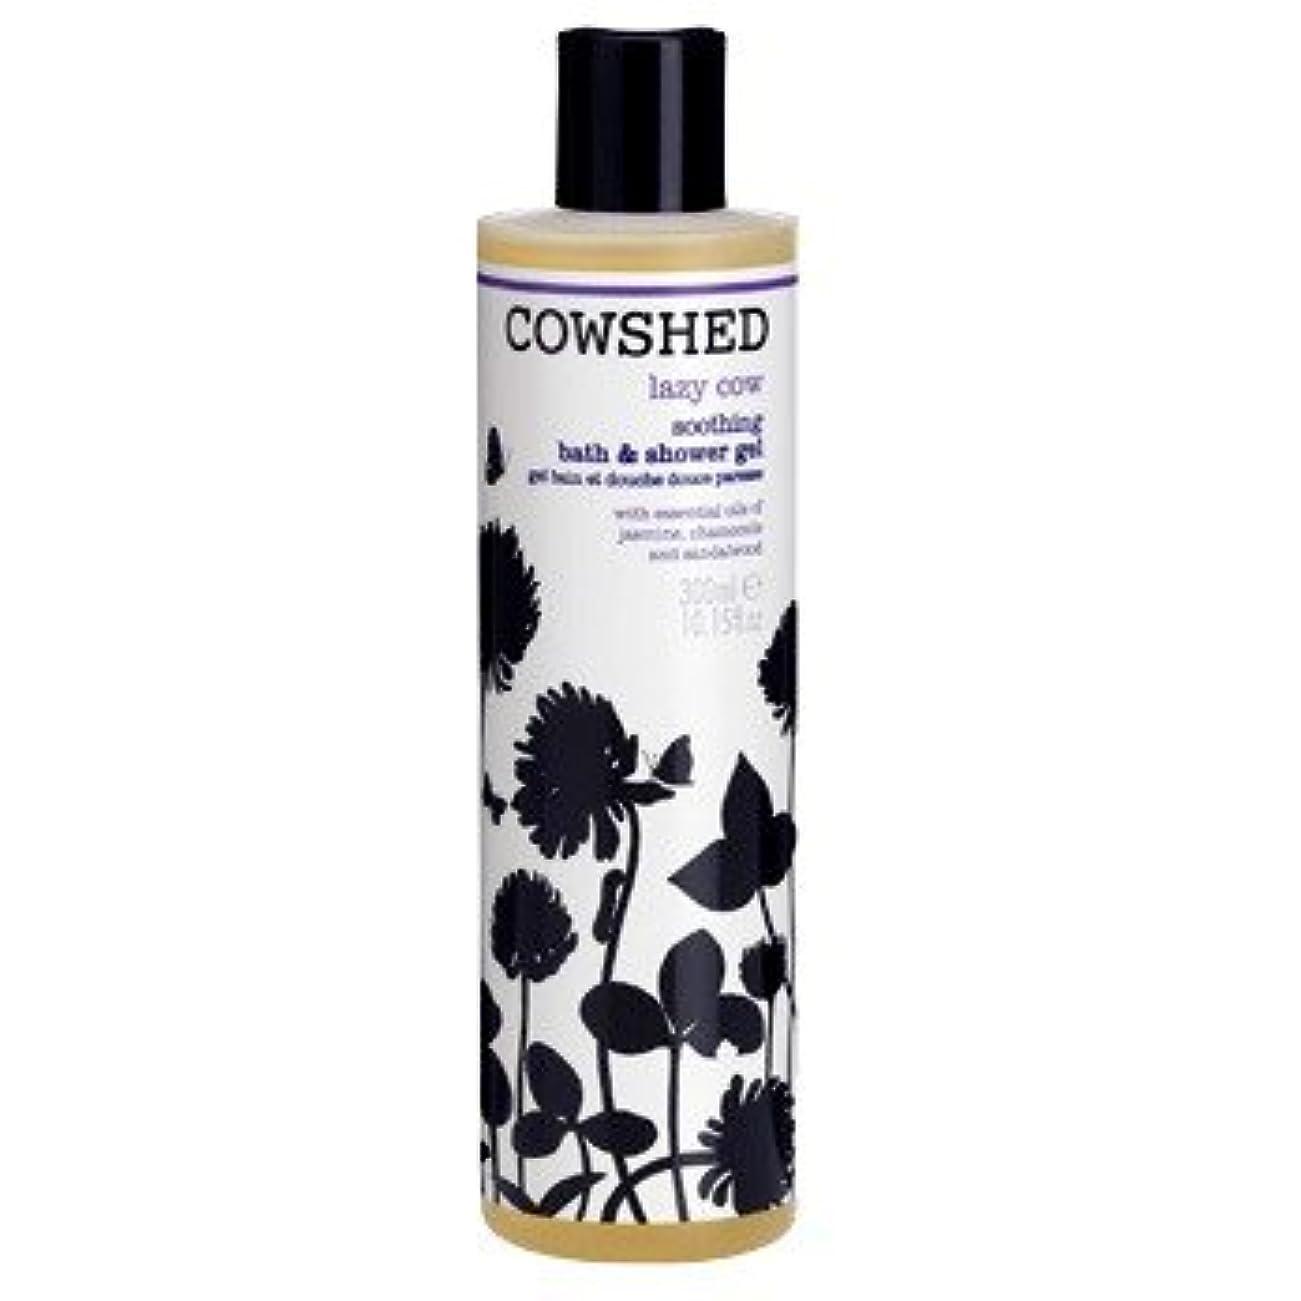 から反応する仲人牛舎怠惰な牛心地よいバス&シャワージェル300ミリリットル (Cowshed) (x6) - Cowshed Lazy Cow Soothing Bath & Shower Gel 300ml (Pack of 6) [並行輸入品]